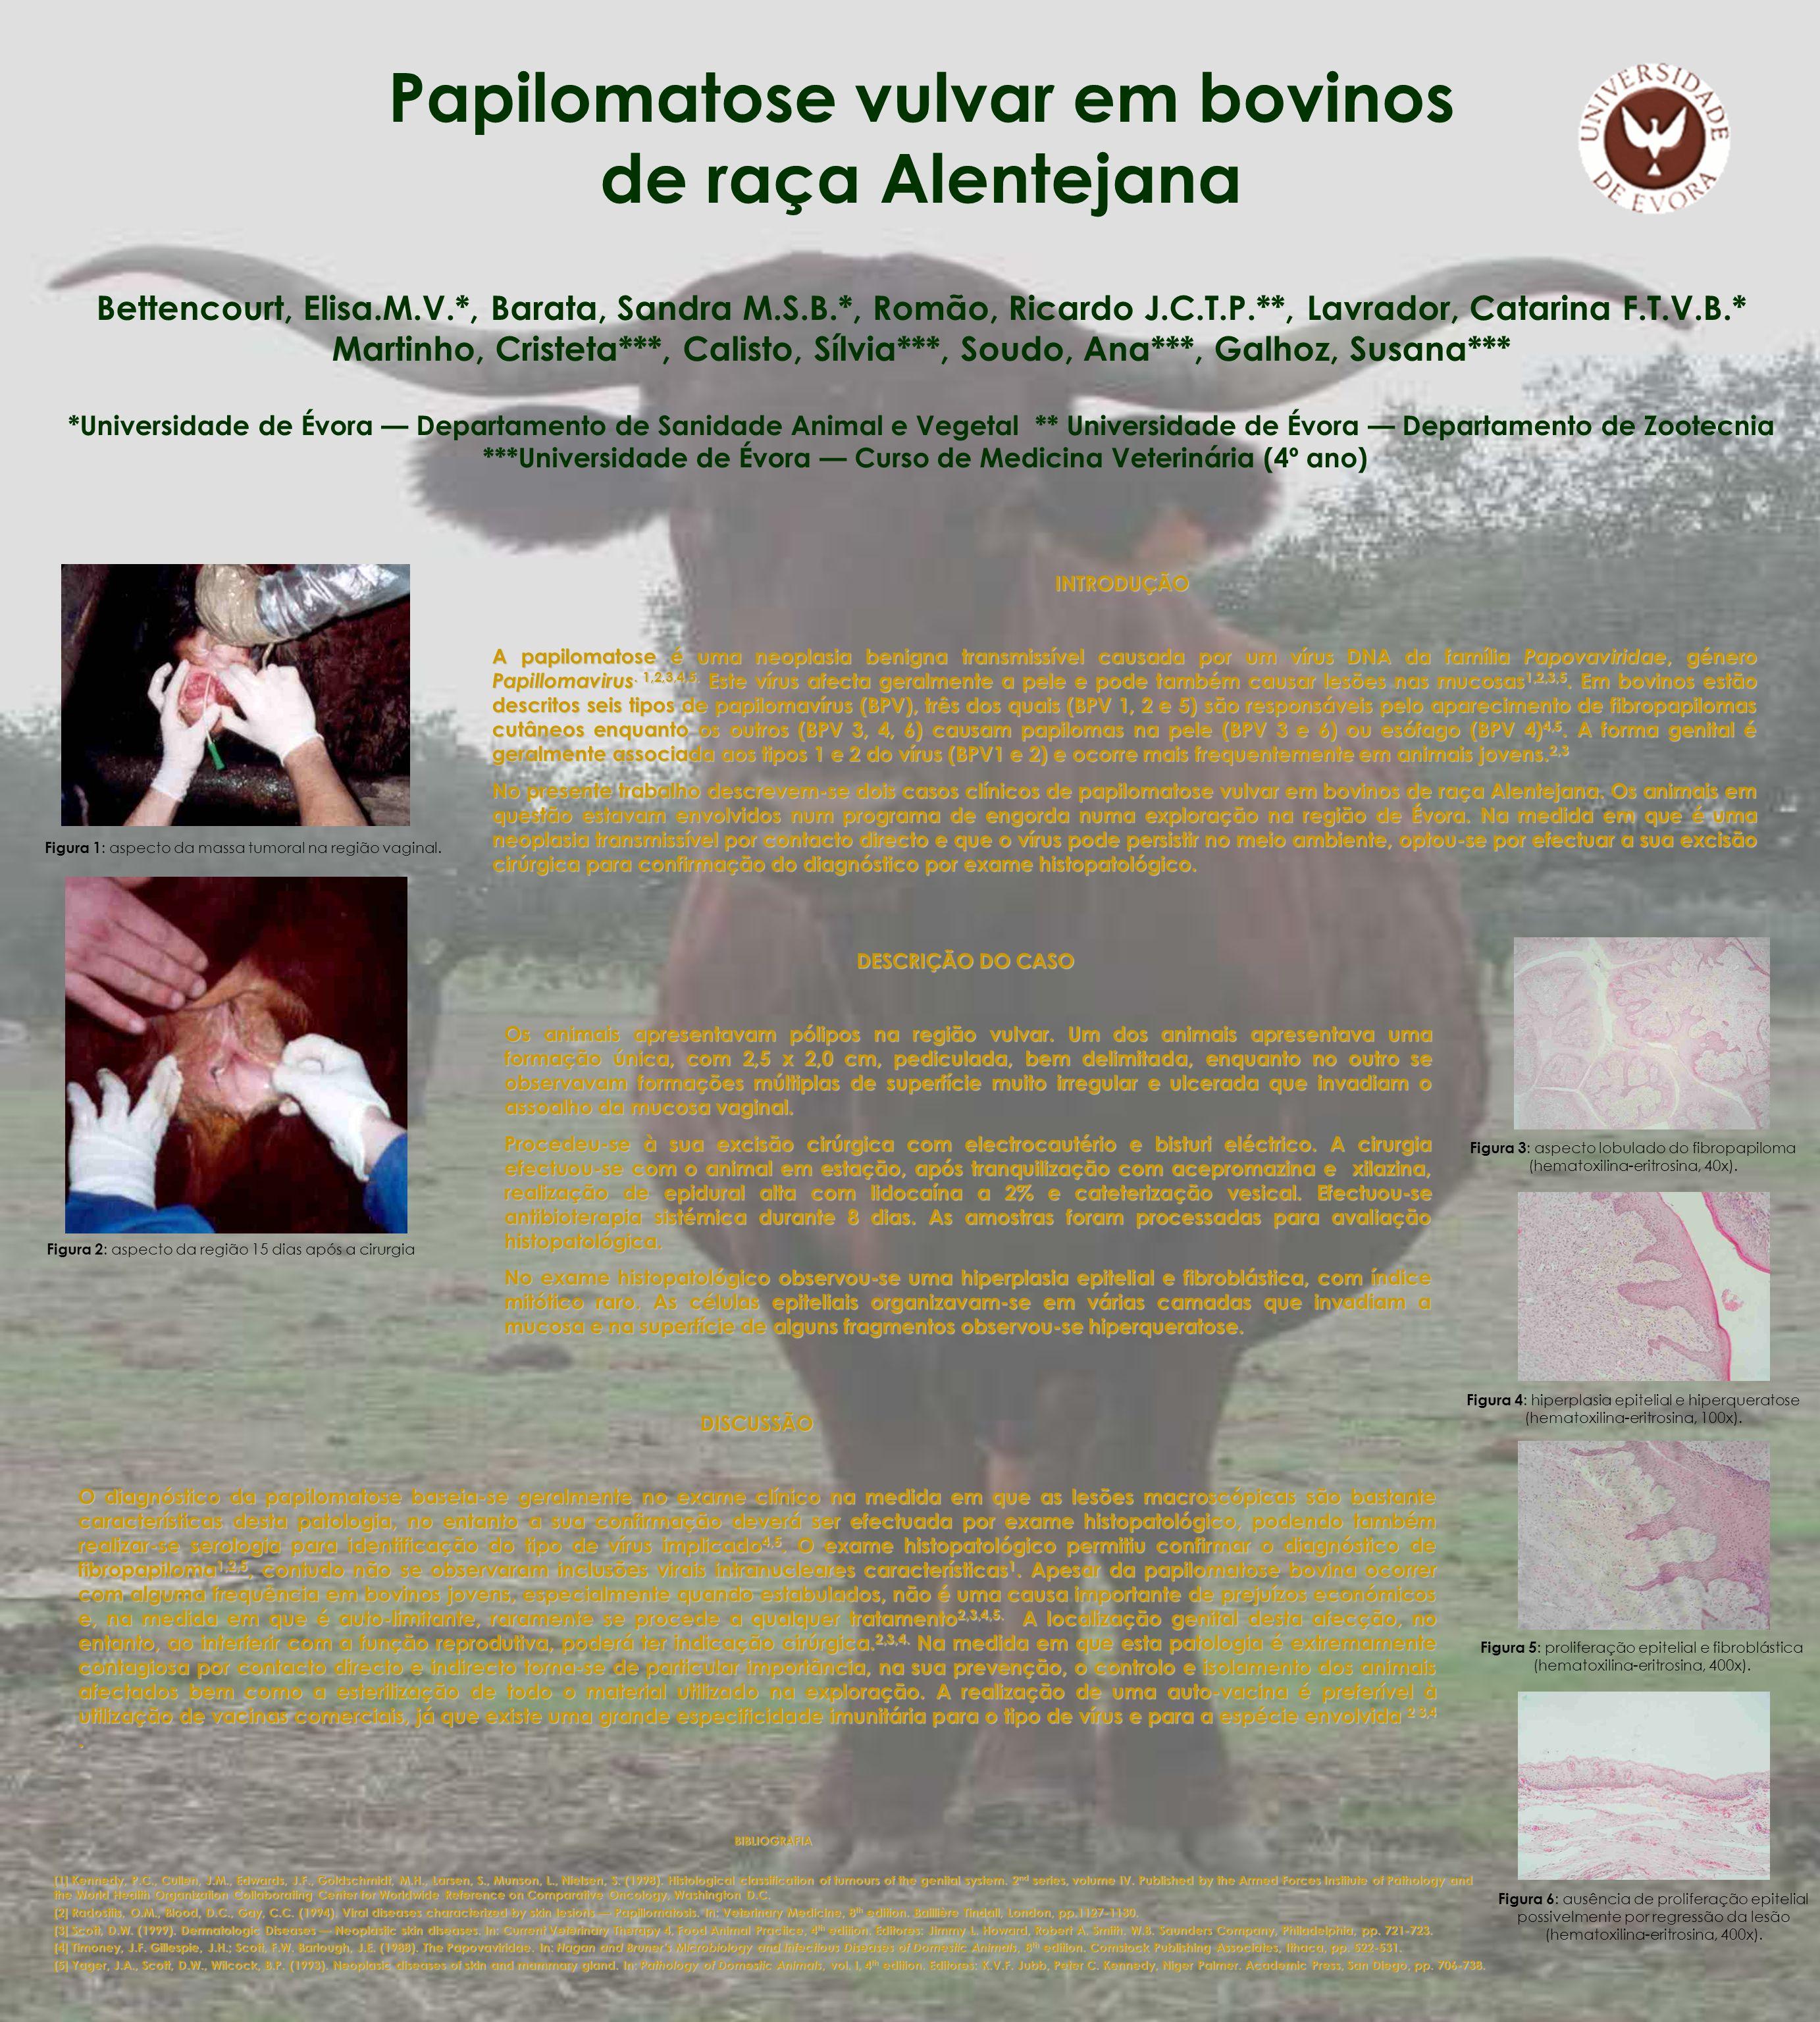 Papilomatose vulvar em bovinos de raça Alentejana